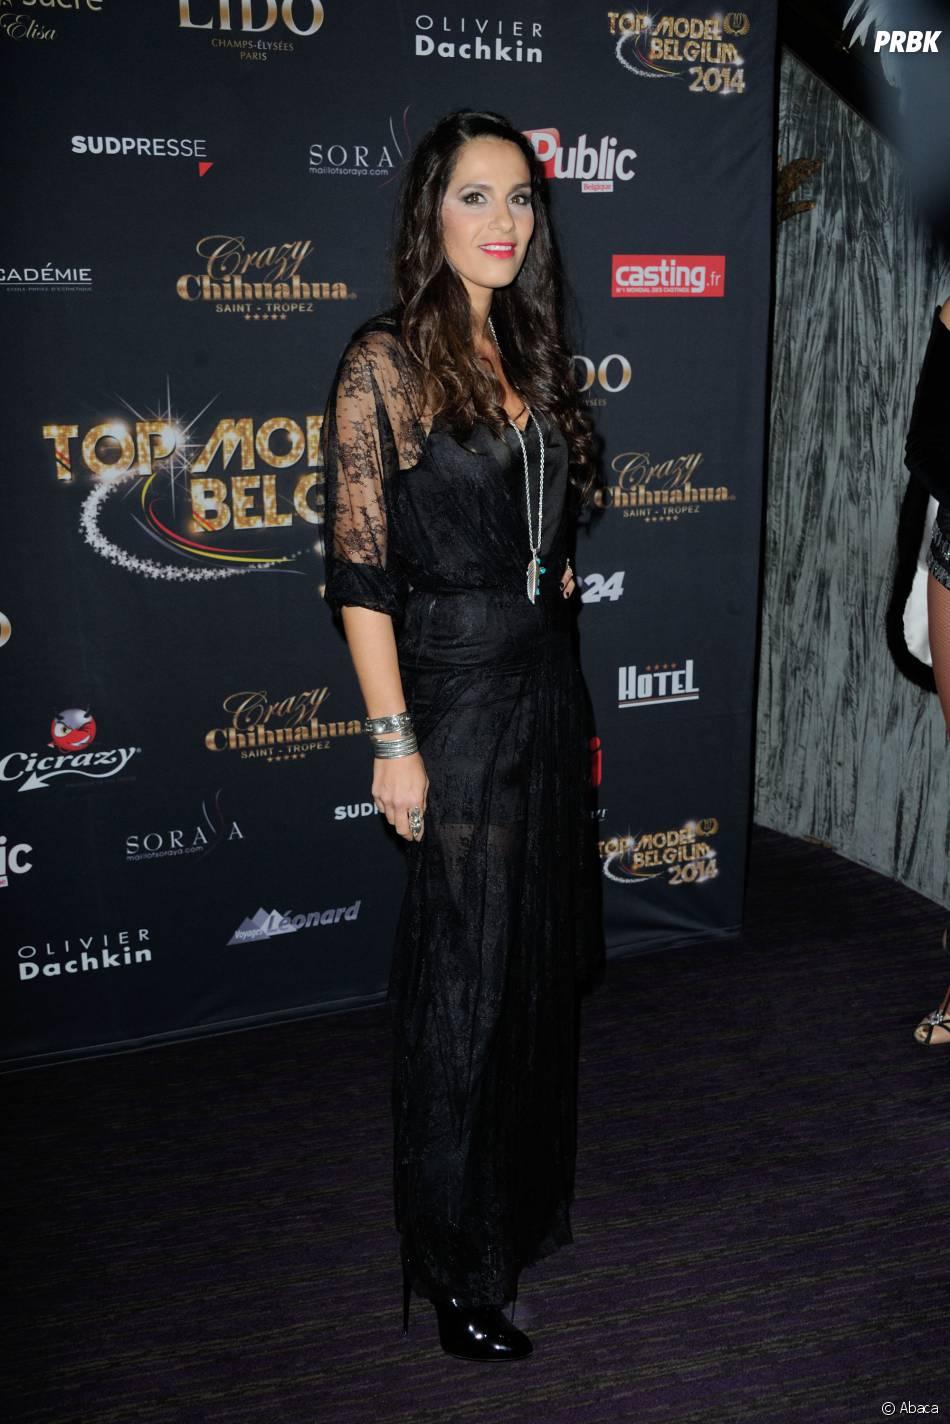 Elisa Tovati : look 100% black pour la finale de Top Model Belgium, le 23 novembre 2014 au Lido à Paris